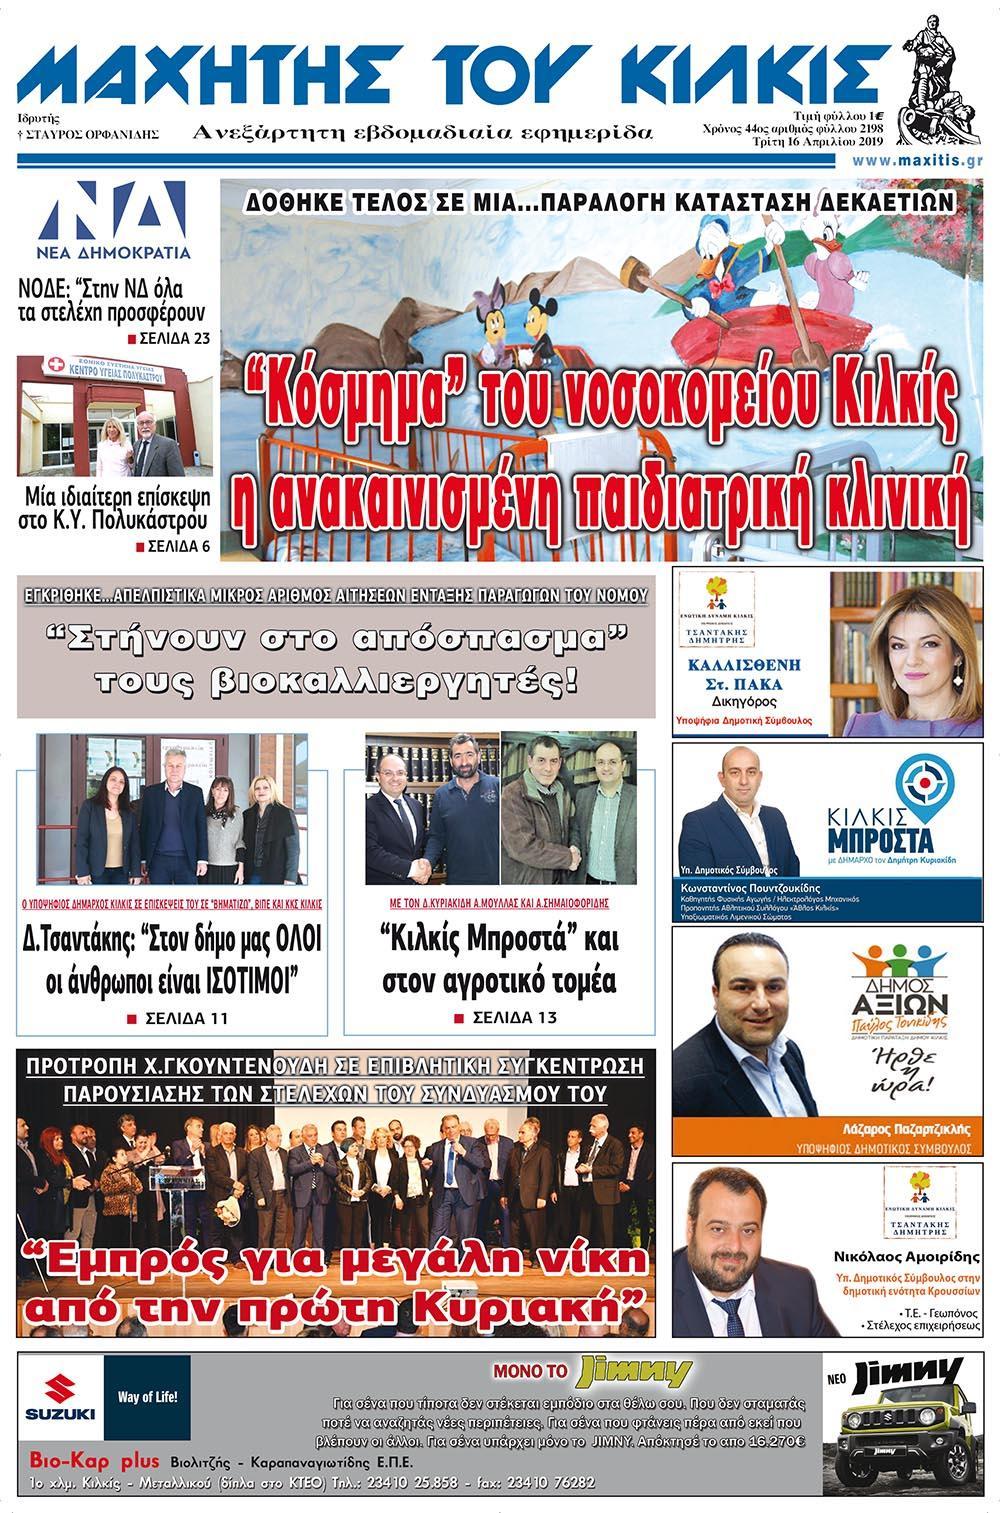 Πρωτοσέλιδο εφημερίδας Μαχητής του Κιλκίς